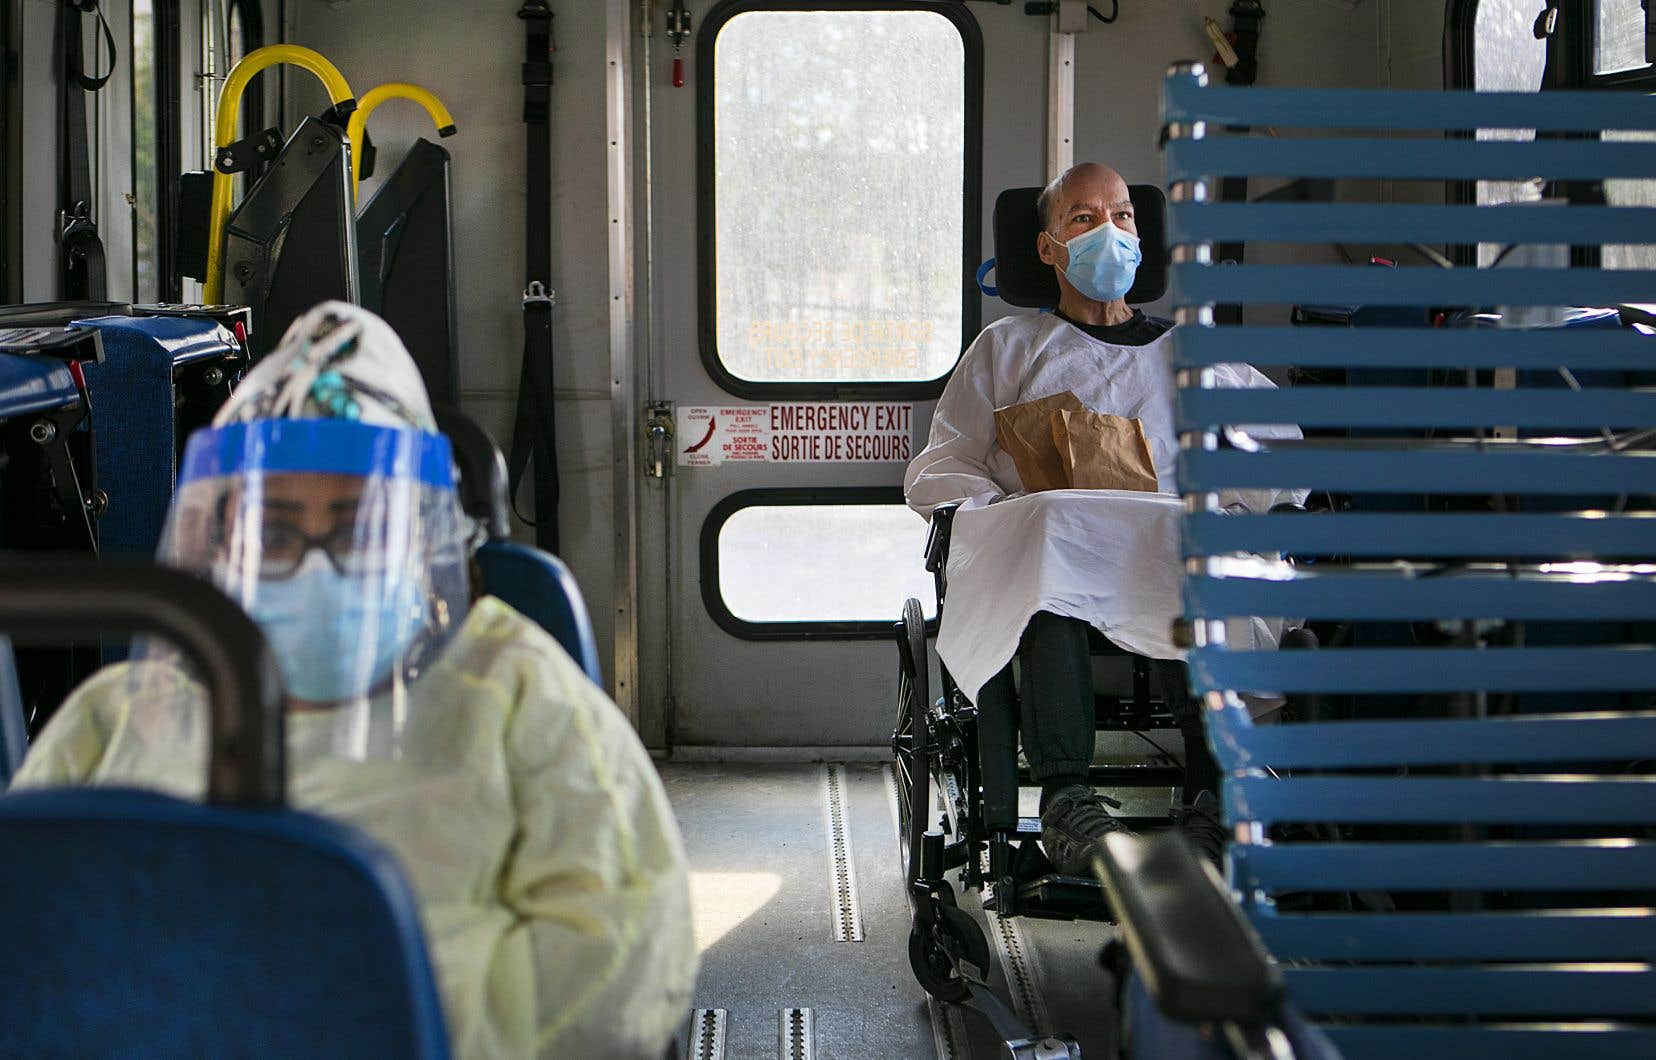 L'Institut national de santé publique du Québec a rapporté dimanche 72 nouveaux décès liés à la COVID-19, pour un bilan de 877 morts depuis le début de la crise.